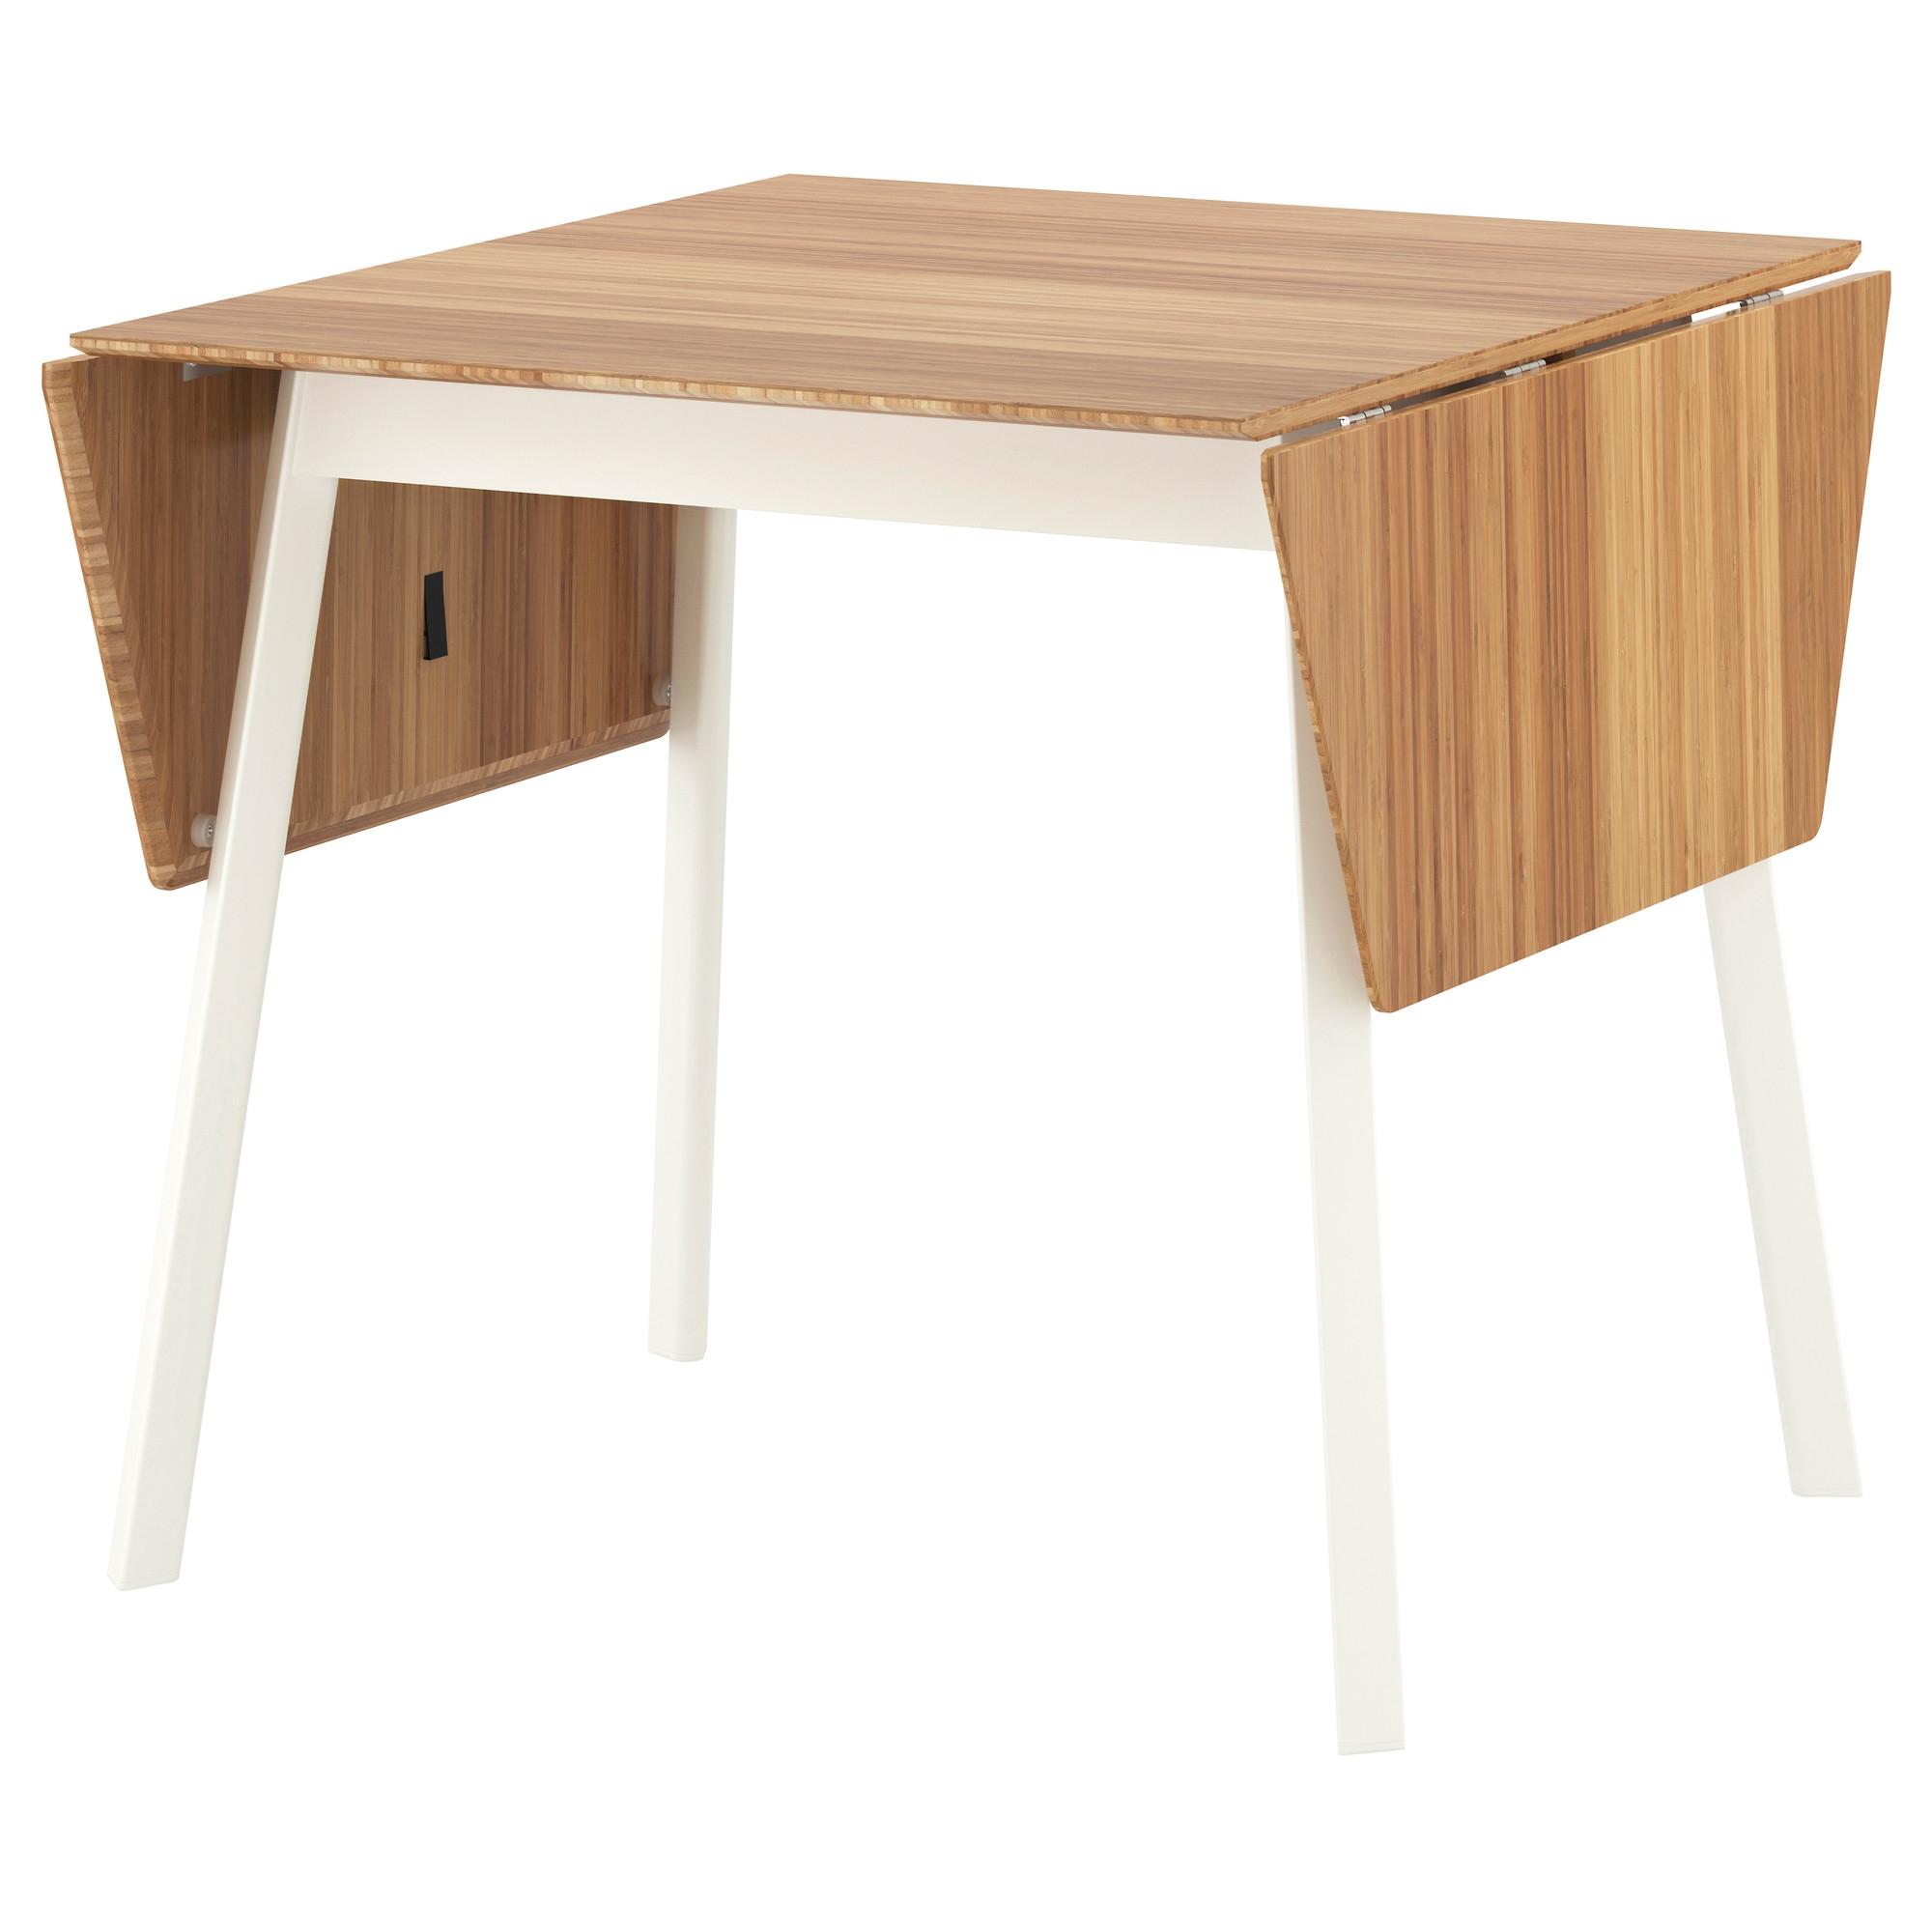 Ikea ps 2012 mesa de comedor for Mesas ikea 5 euros